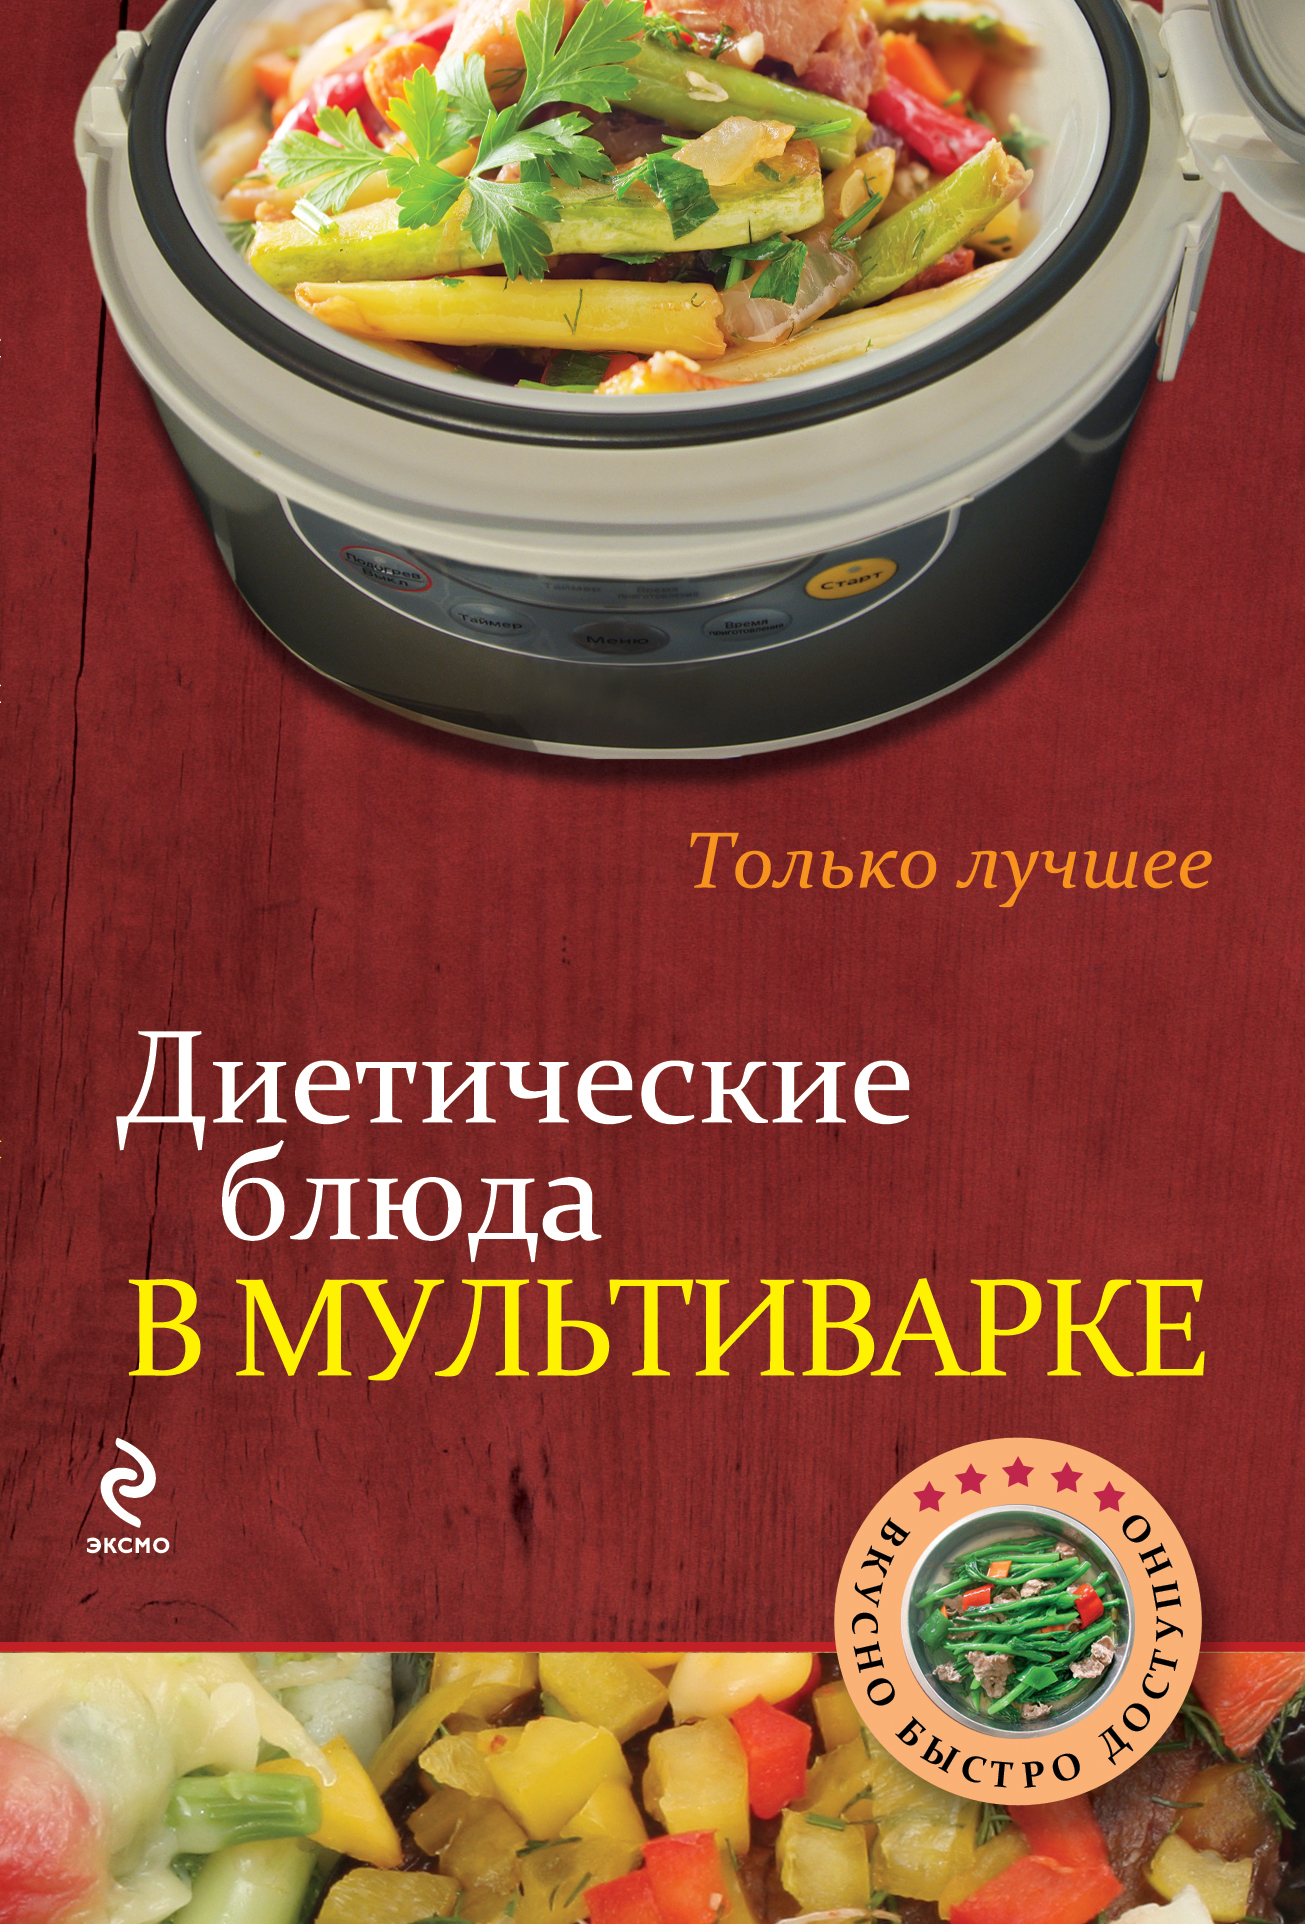 Диетические блюда в мультиварке рецепты с фото